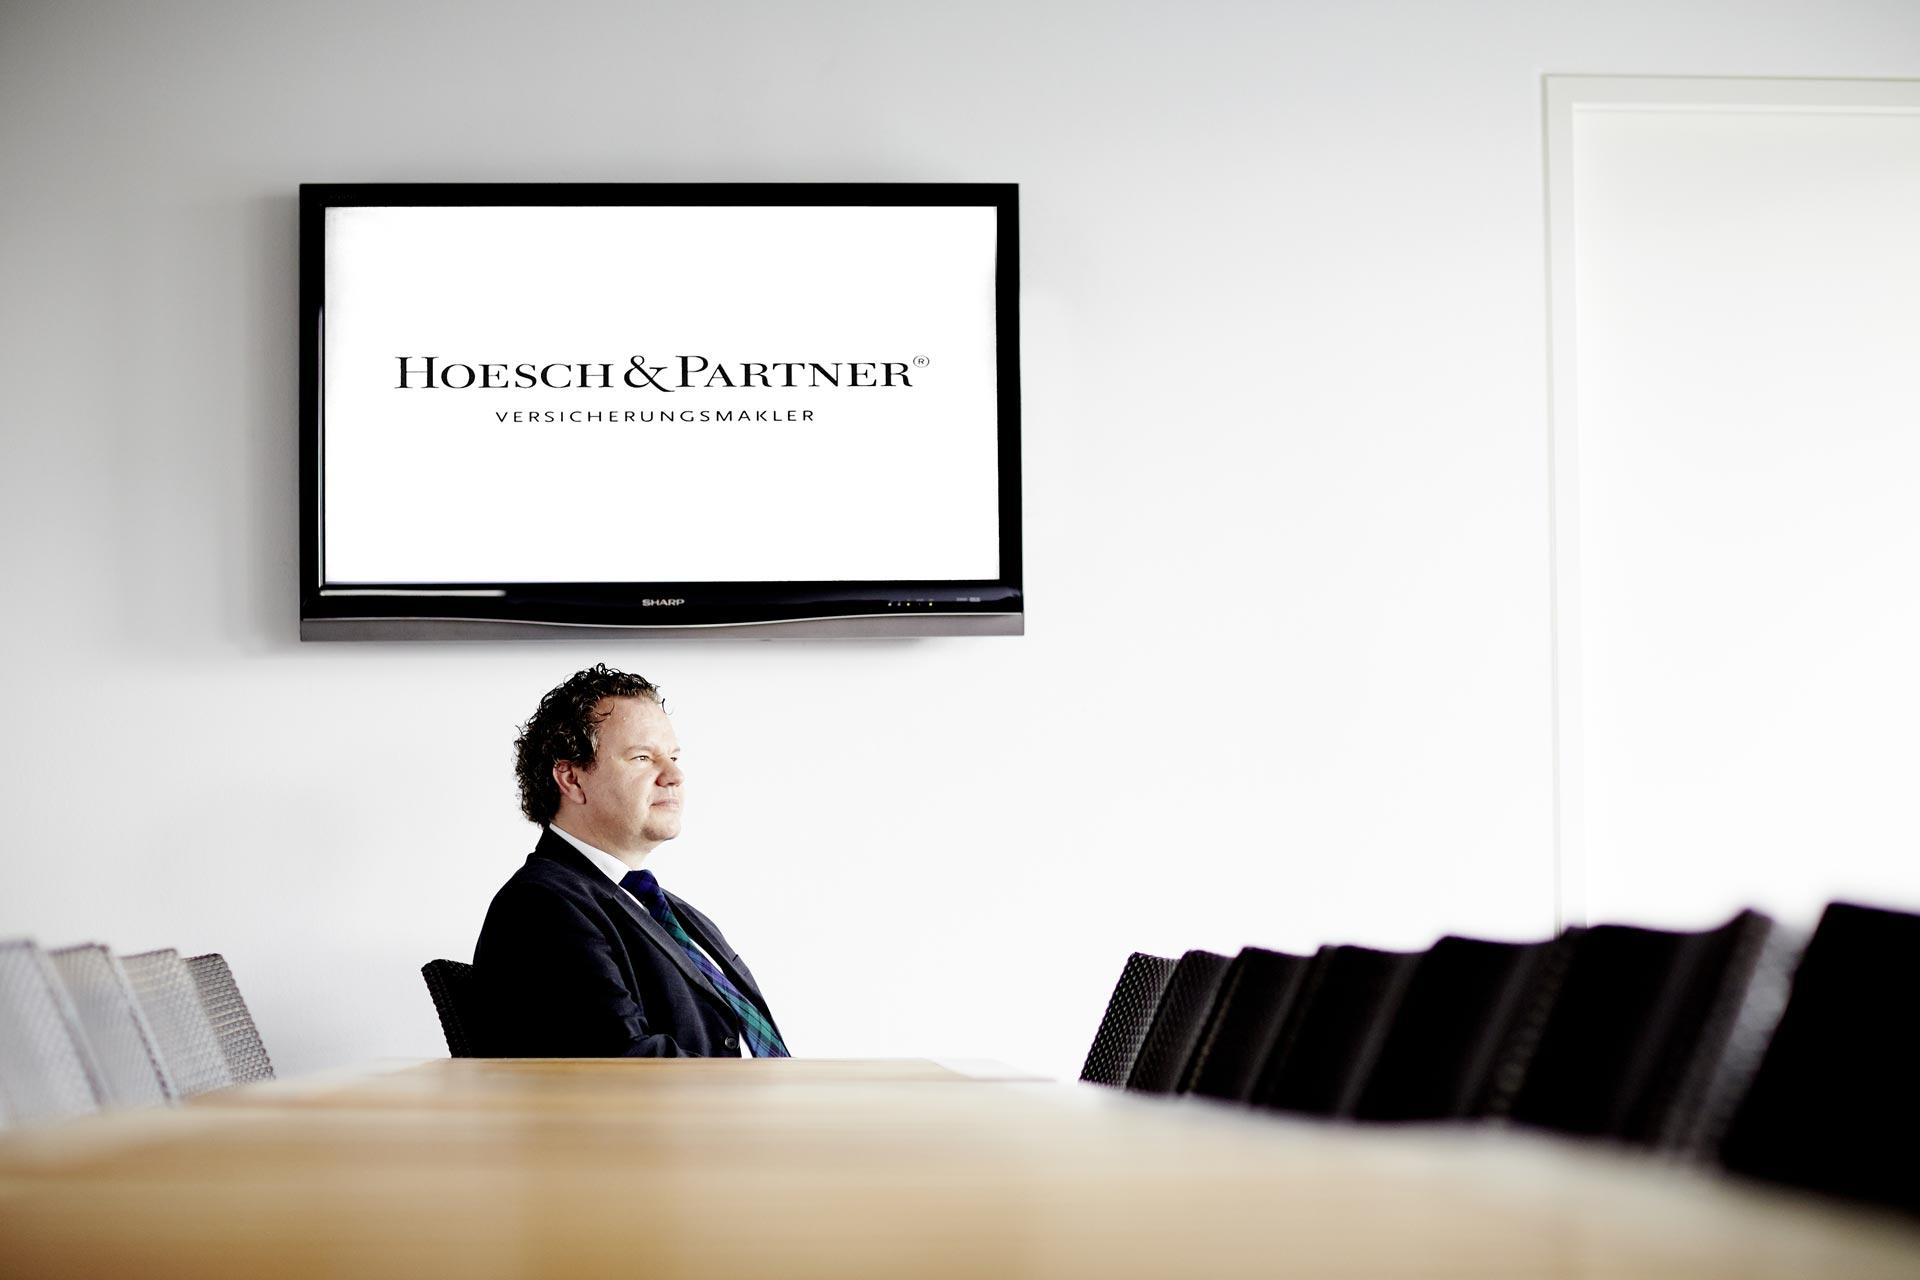 Hoesch & Partner Versicherungsmakler Frankfurt